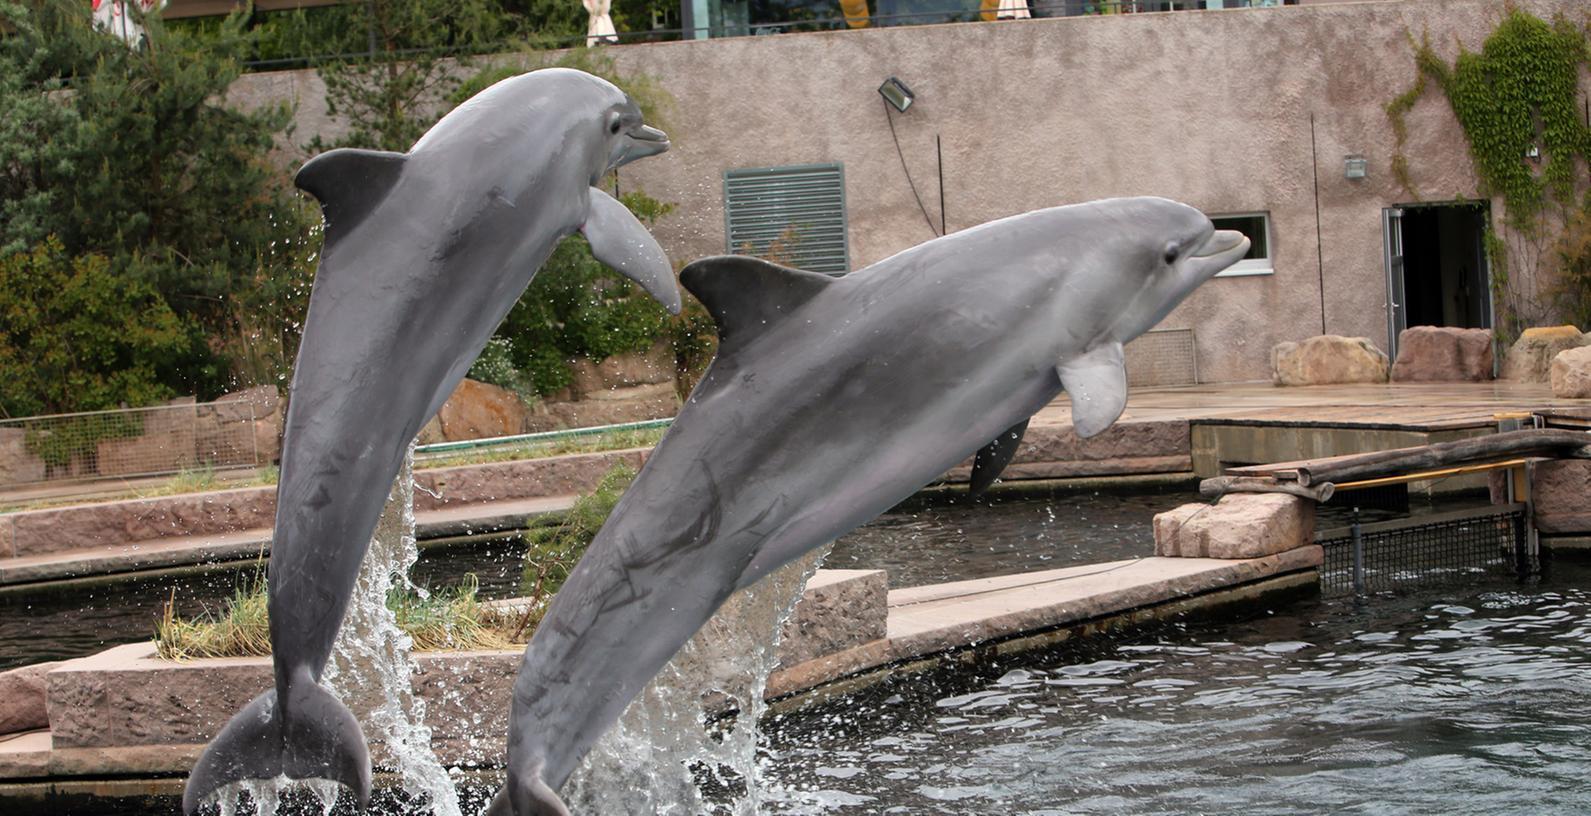 Die Delfine im Tiergarten haben jetzt zwar in der Lagune mehr Platz zum Schwimmen, ziehen jedoch nicht so viele Besucher an, wie erhofft. Nun greift die Stadt Nürnberg dem Tiergarten finanziell unter die Arme.